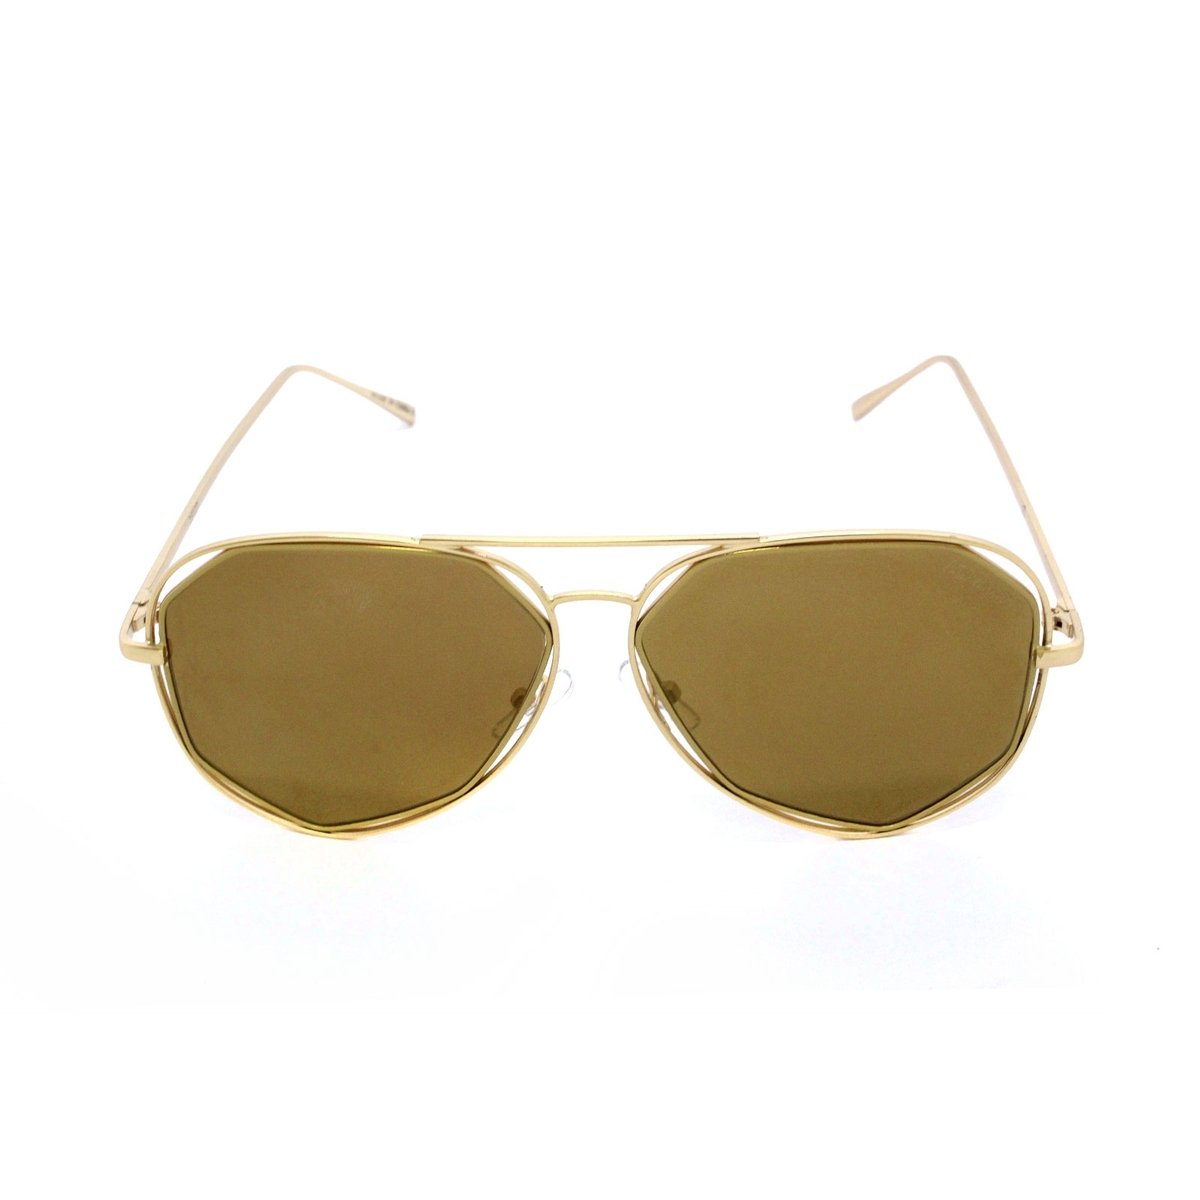 Óculos Solar KT25127PRALAZ - Compre Agora   Netshoes 2e6efb08a9